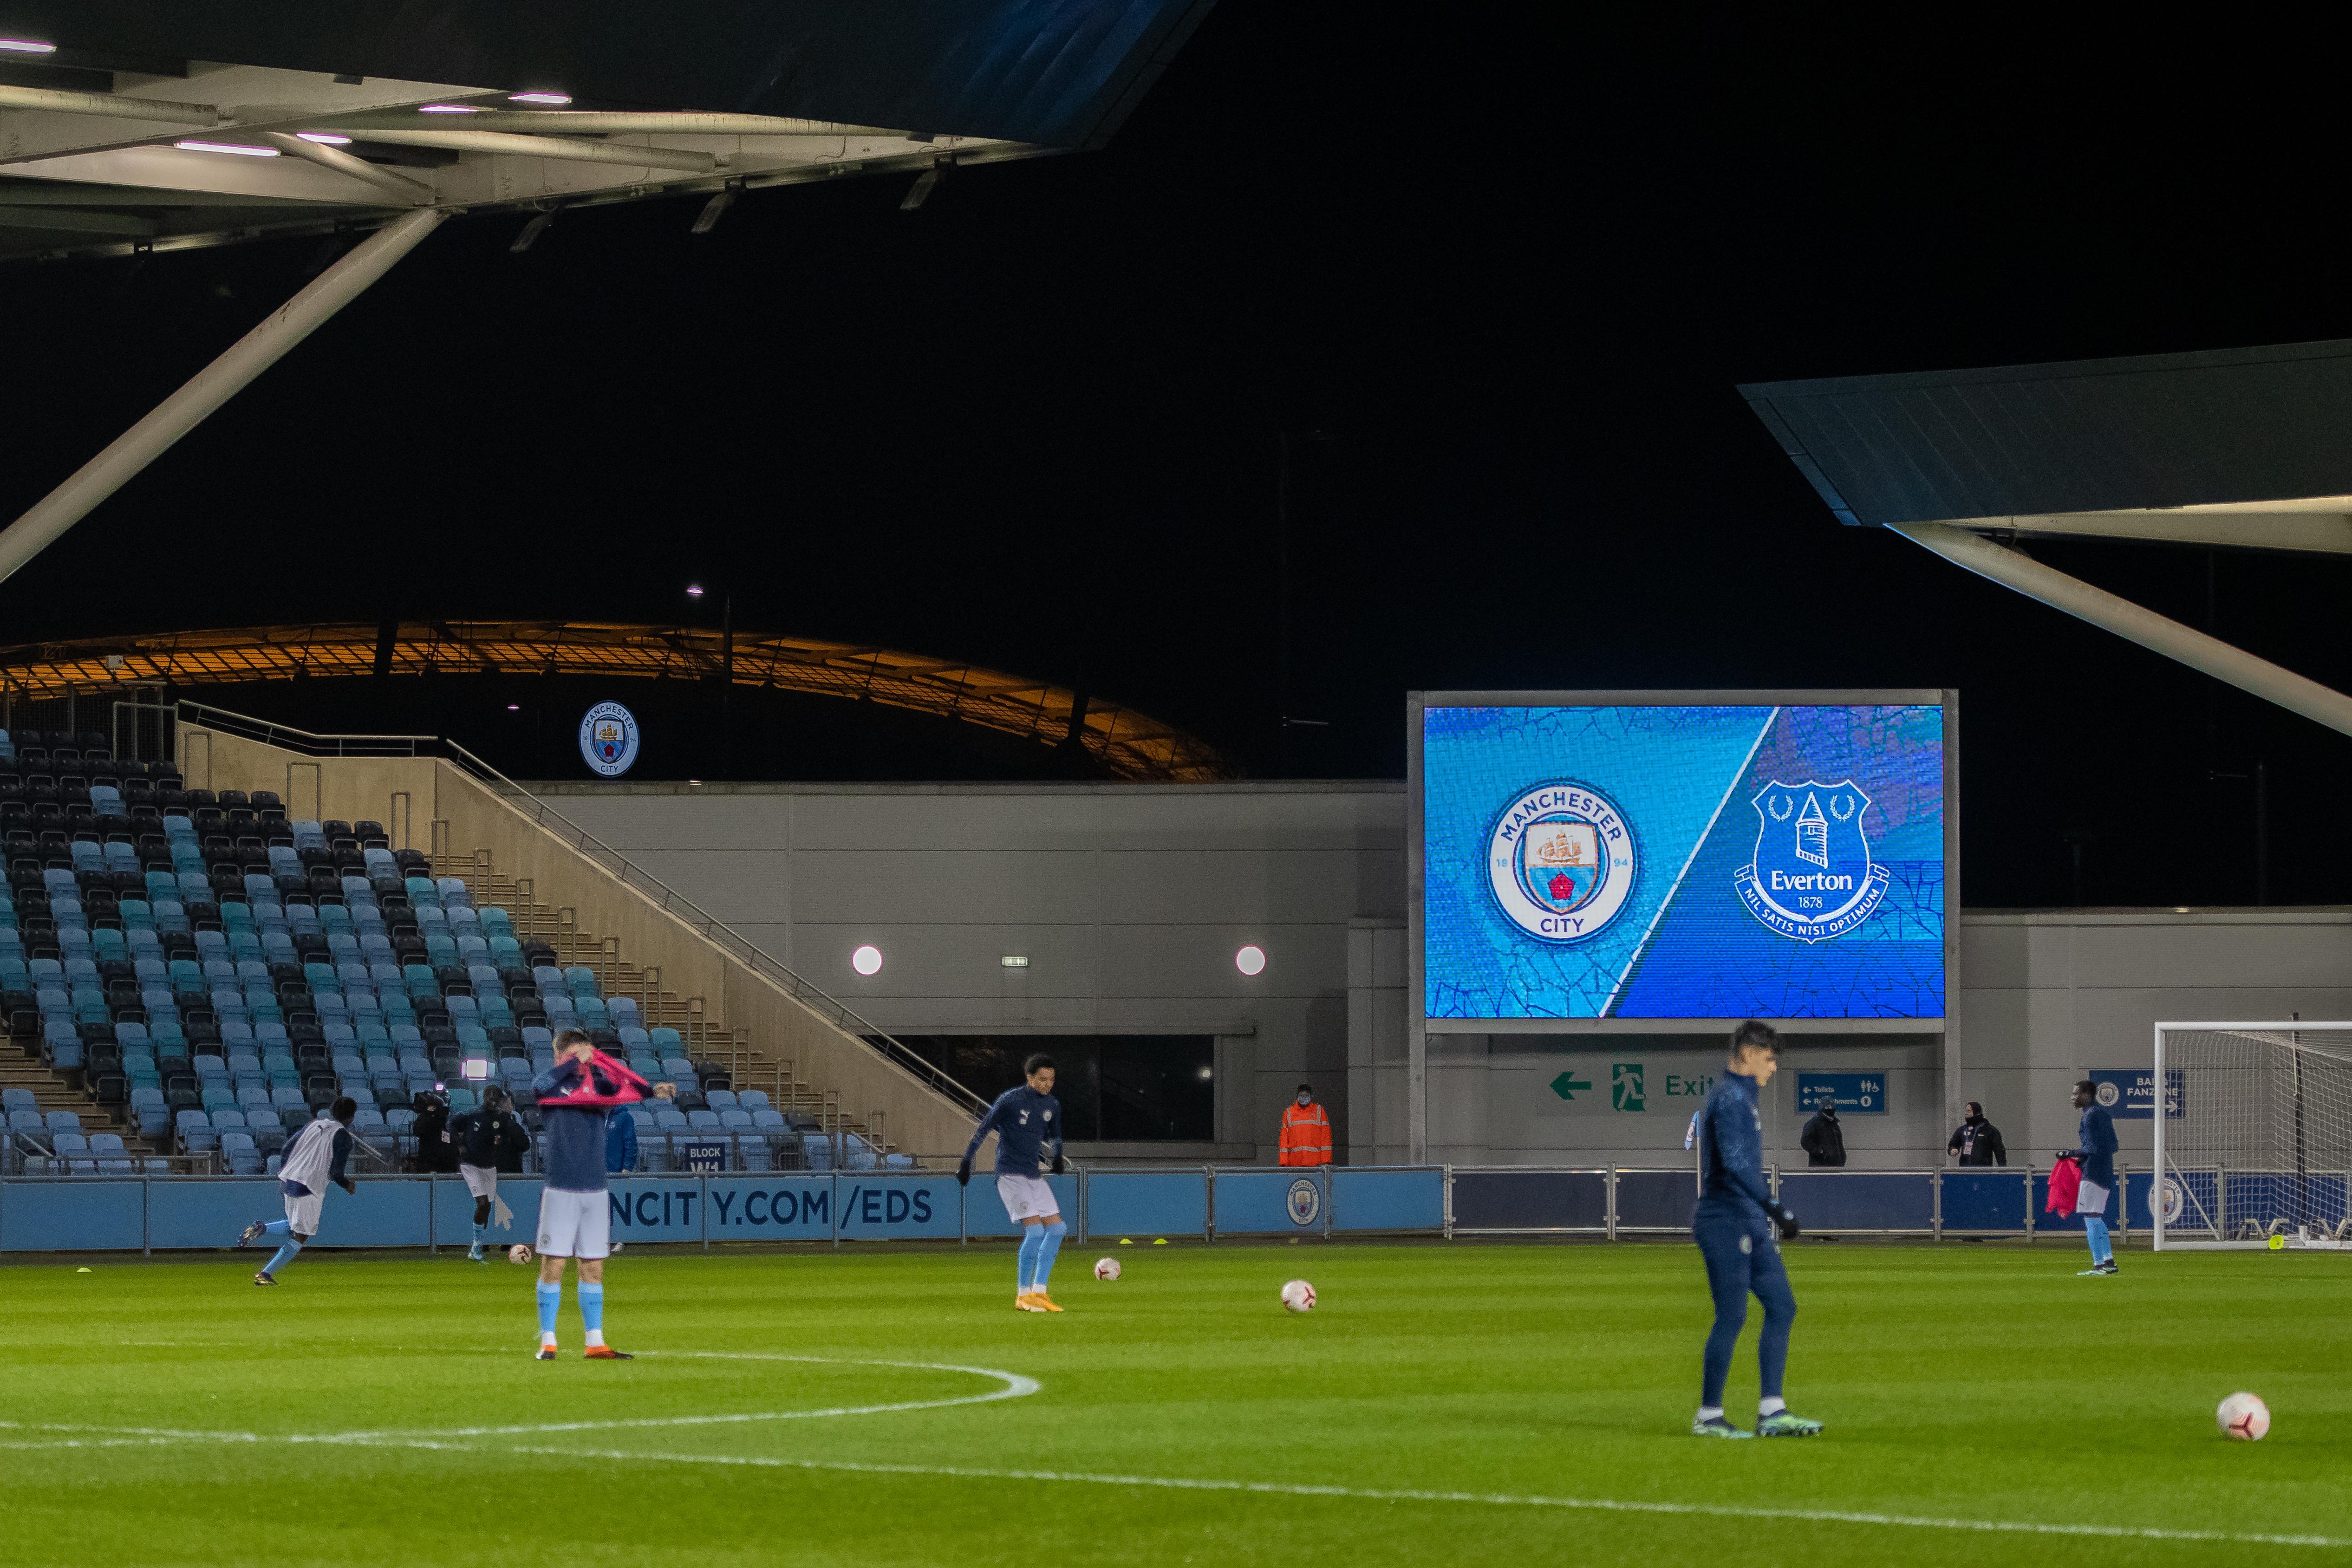 Manchester City U23 v Everton U23 - Premier League 2